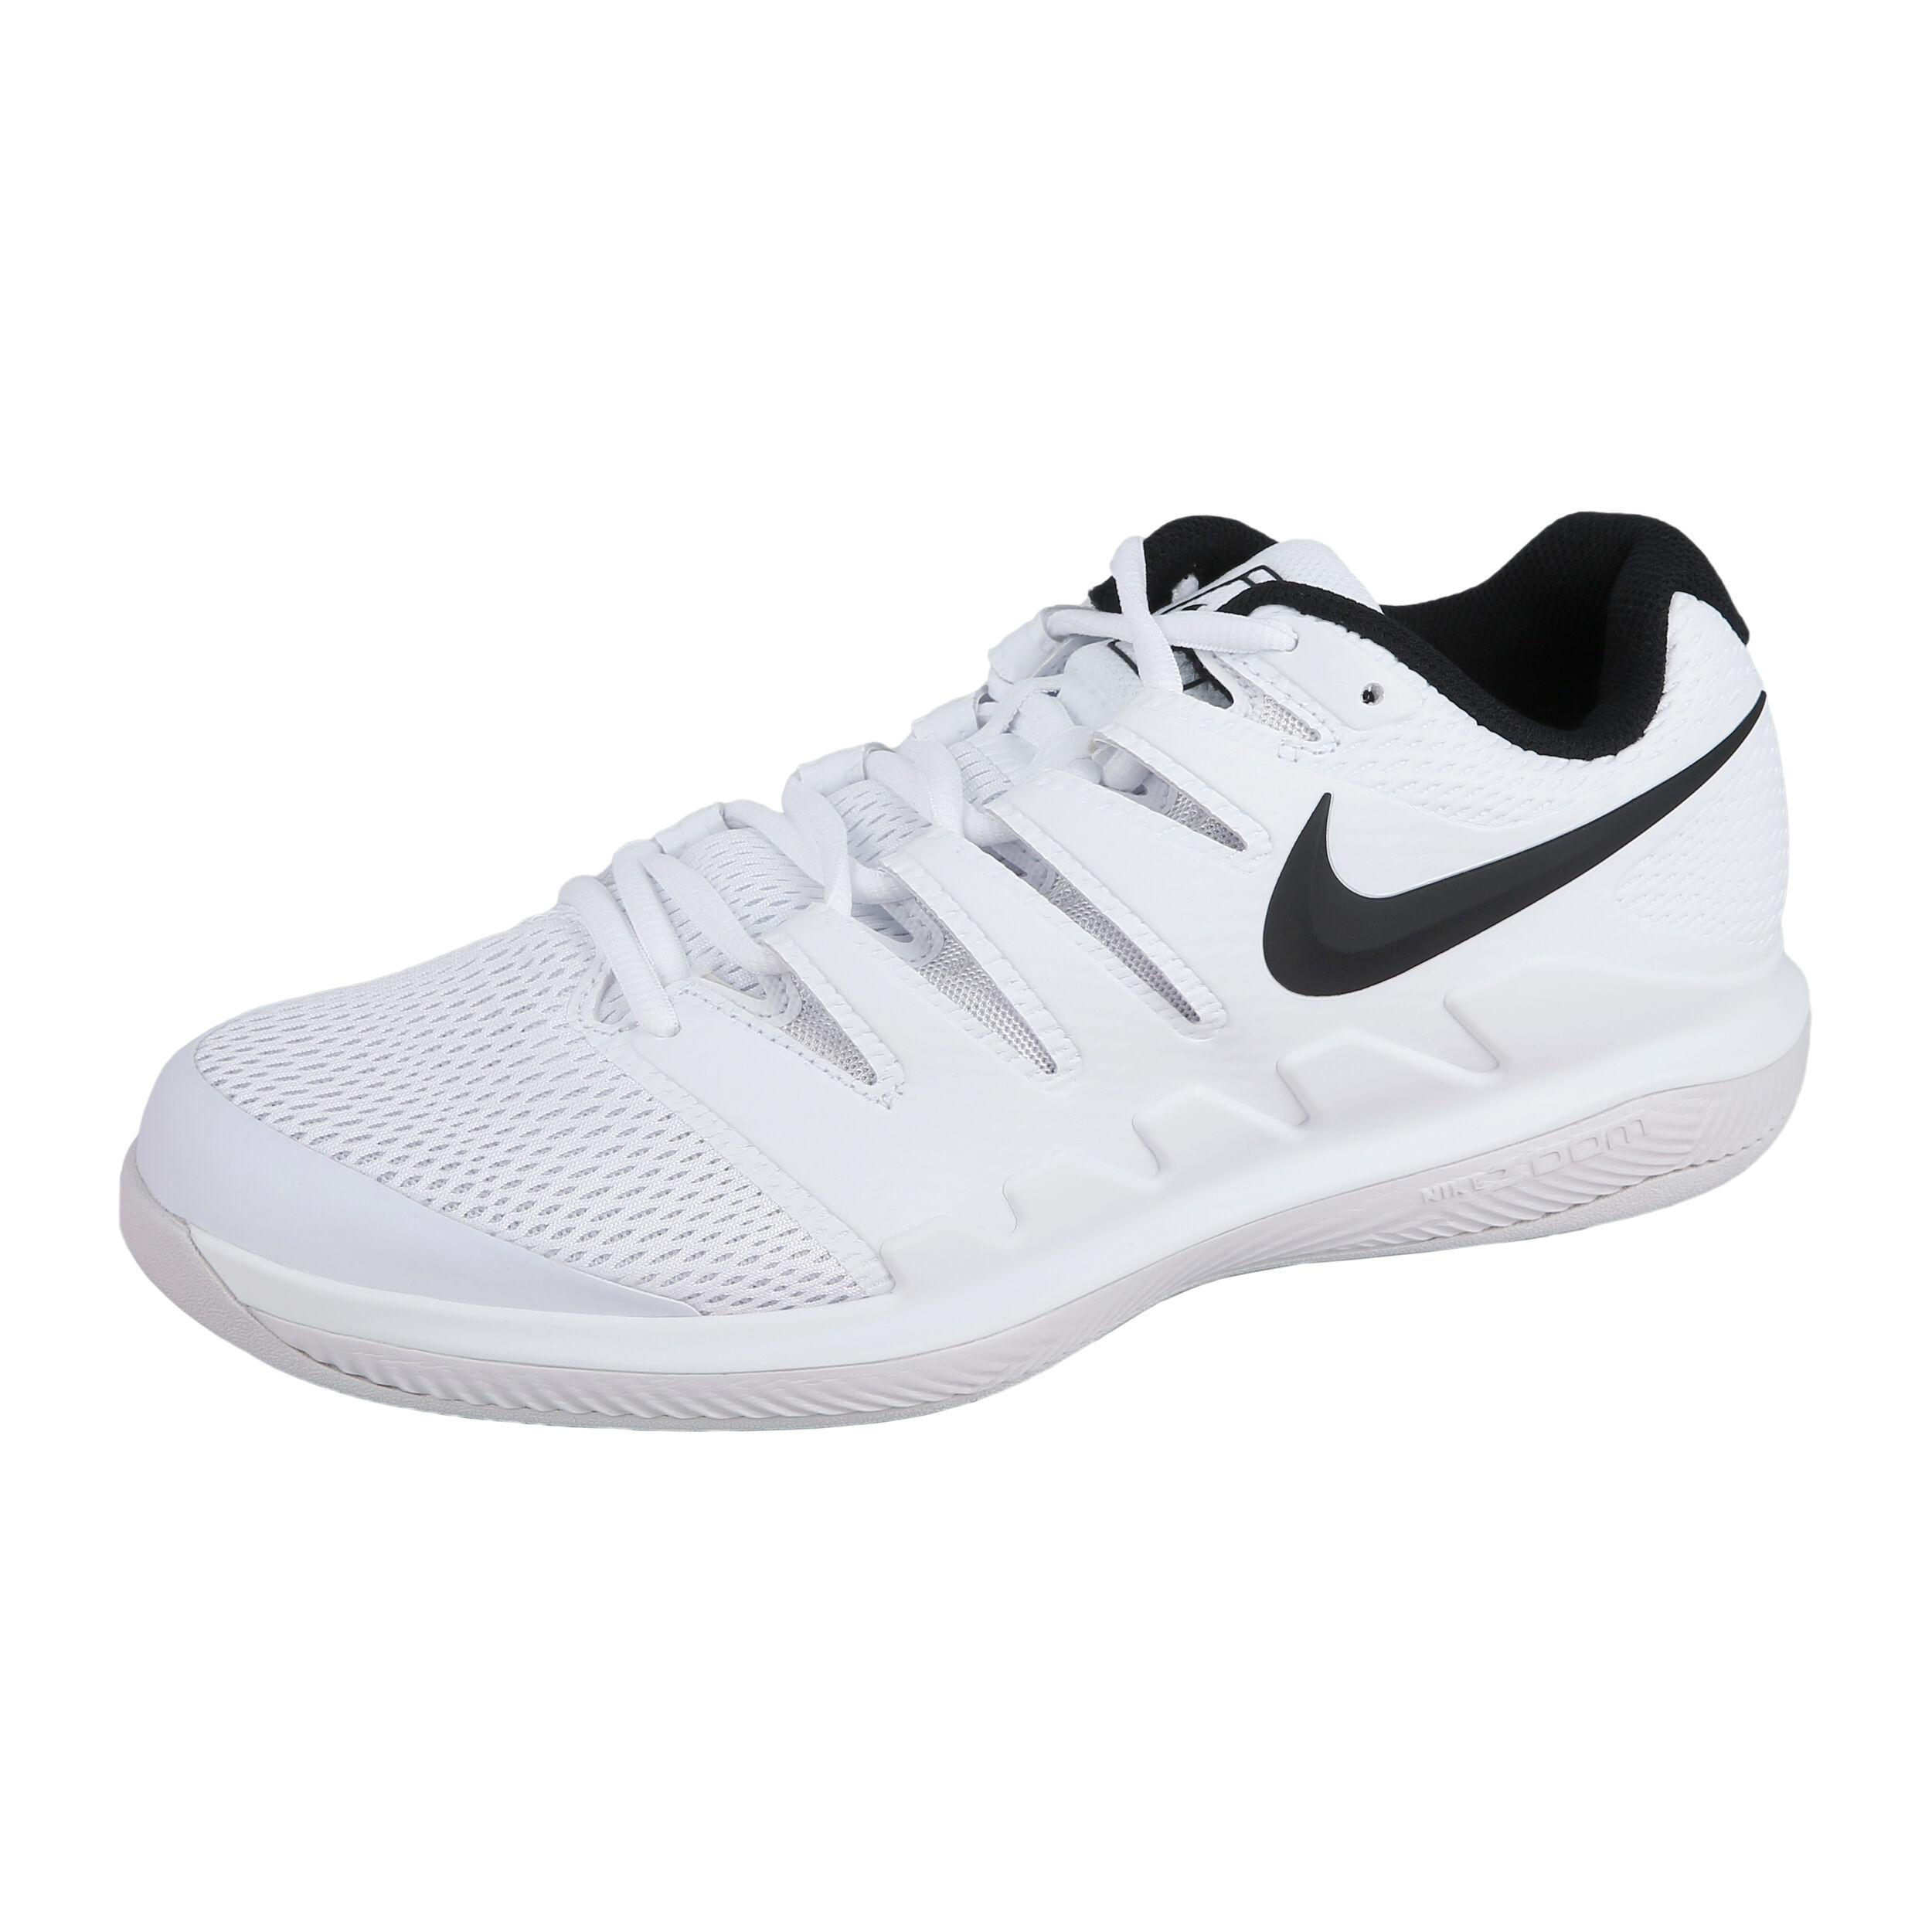 16 Nike Tennisschuhe Herren Teppich Neu  